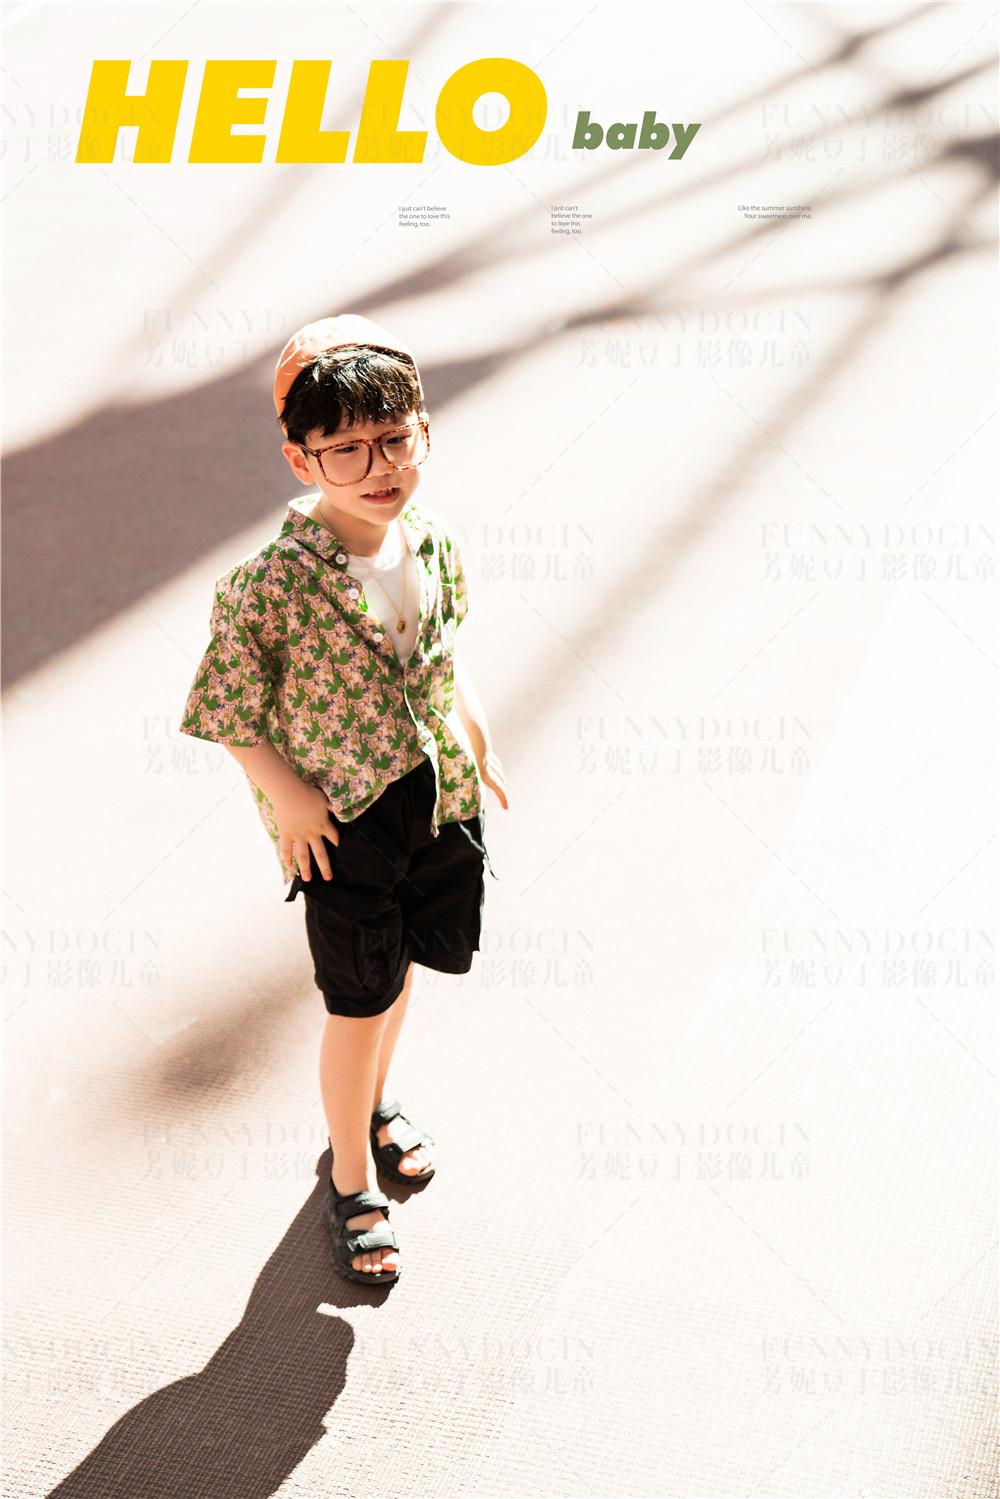 芳妮豆丁儿童摄影 潮酷BOY